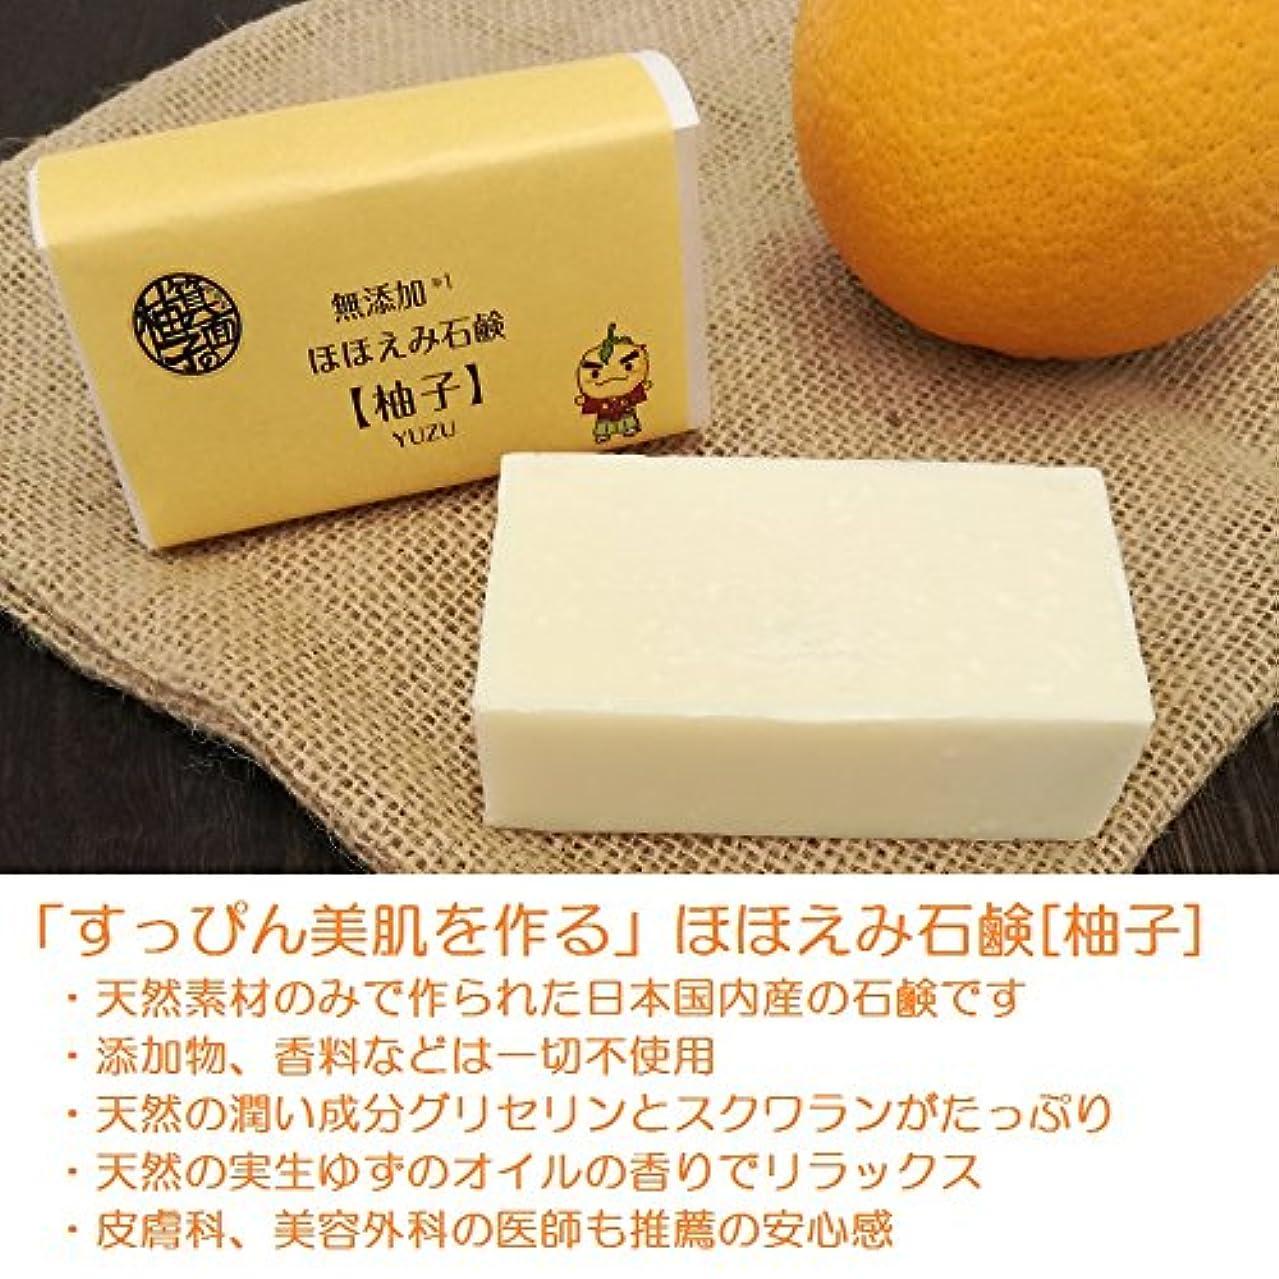 マリン致命的な普遍的なすっぴん美肌を作る ほほえみ石鹸 柚子 オリーブオイル 無添加 オーガニック 日本製 80g